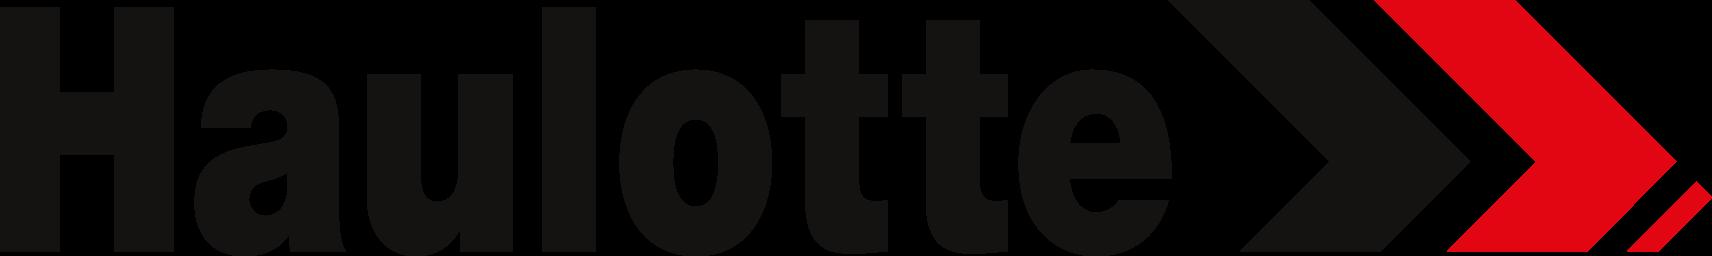 The Haulotte Team   Haulotte North America